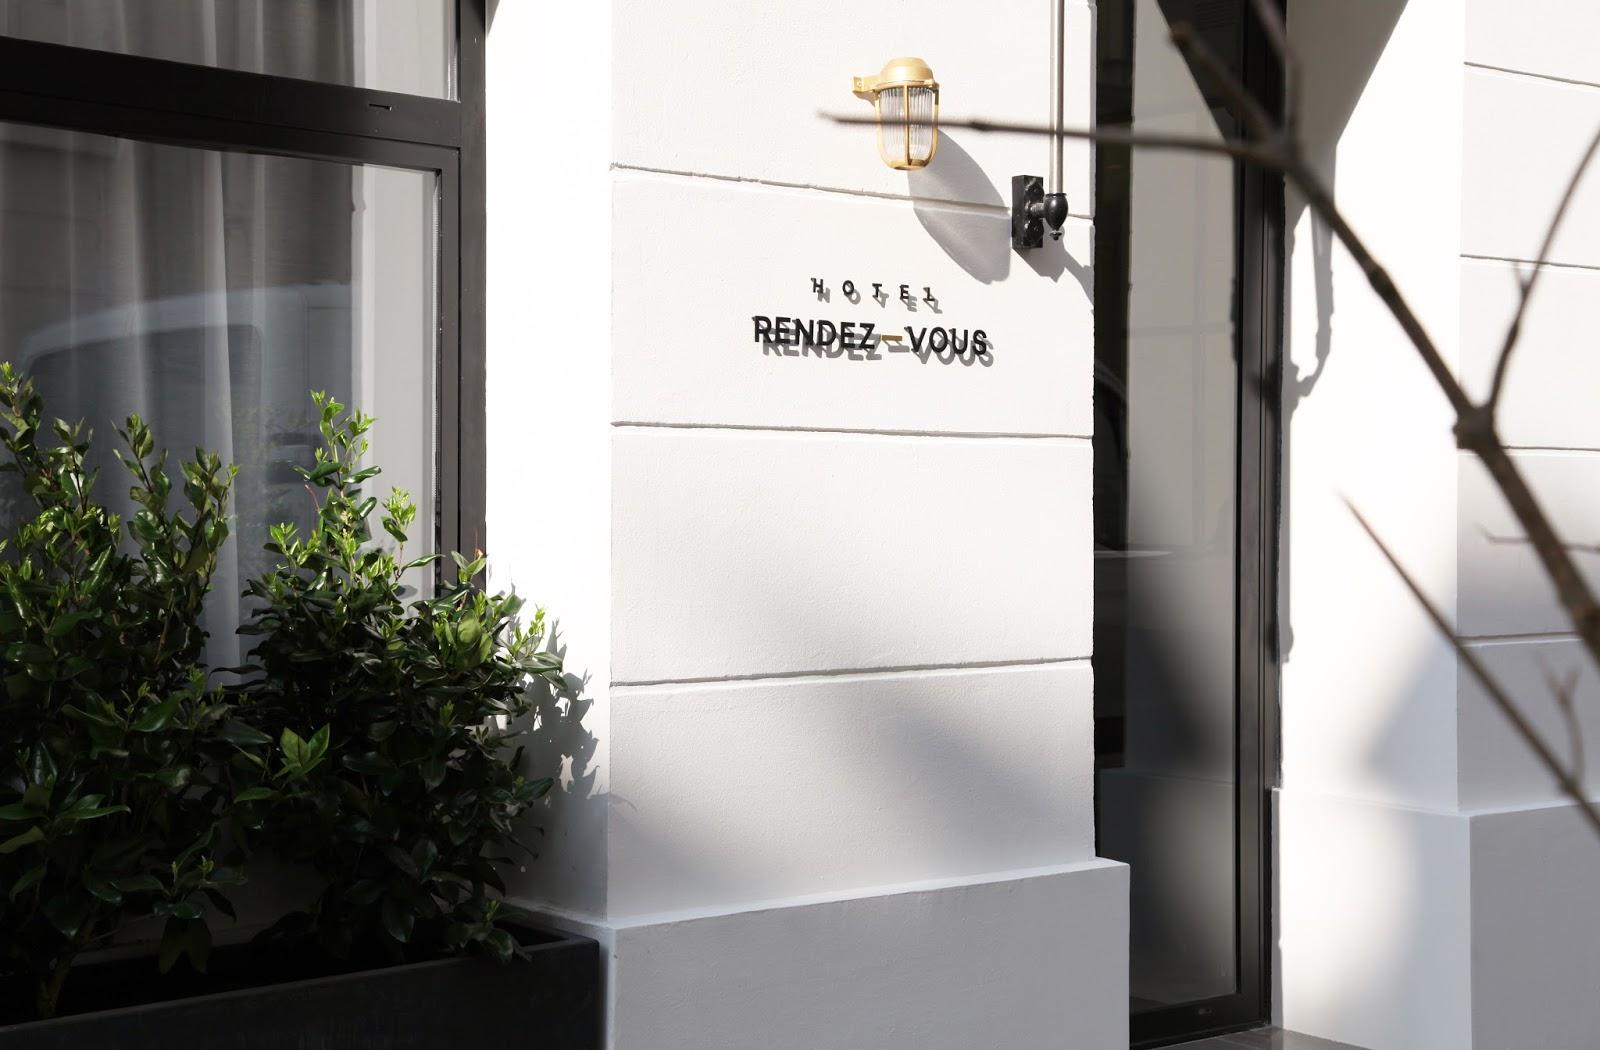 FAC_PLANDA_ARCHITECTES_PARIS_RENDEZ_VOUS_HOTEL_BATIGNOLLES_PARIS_DESIGN_IMG_4529